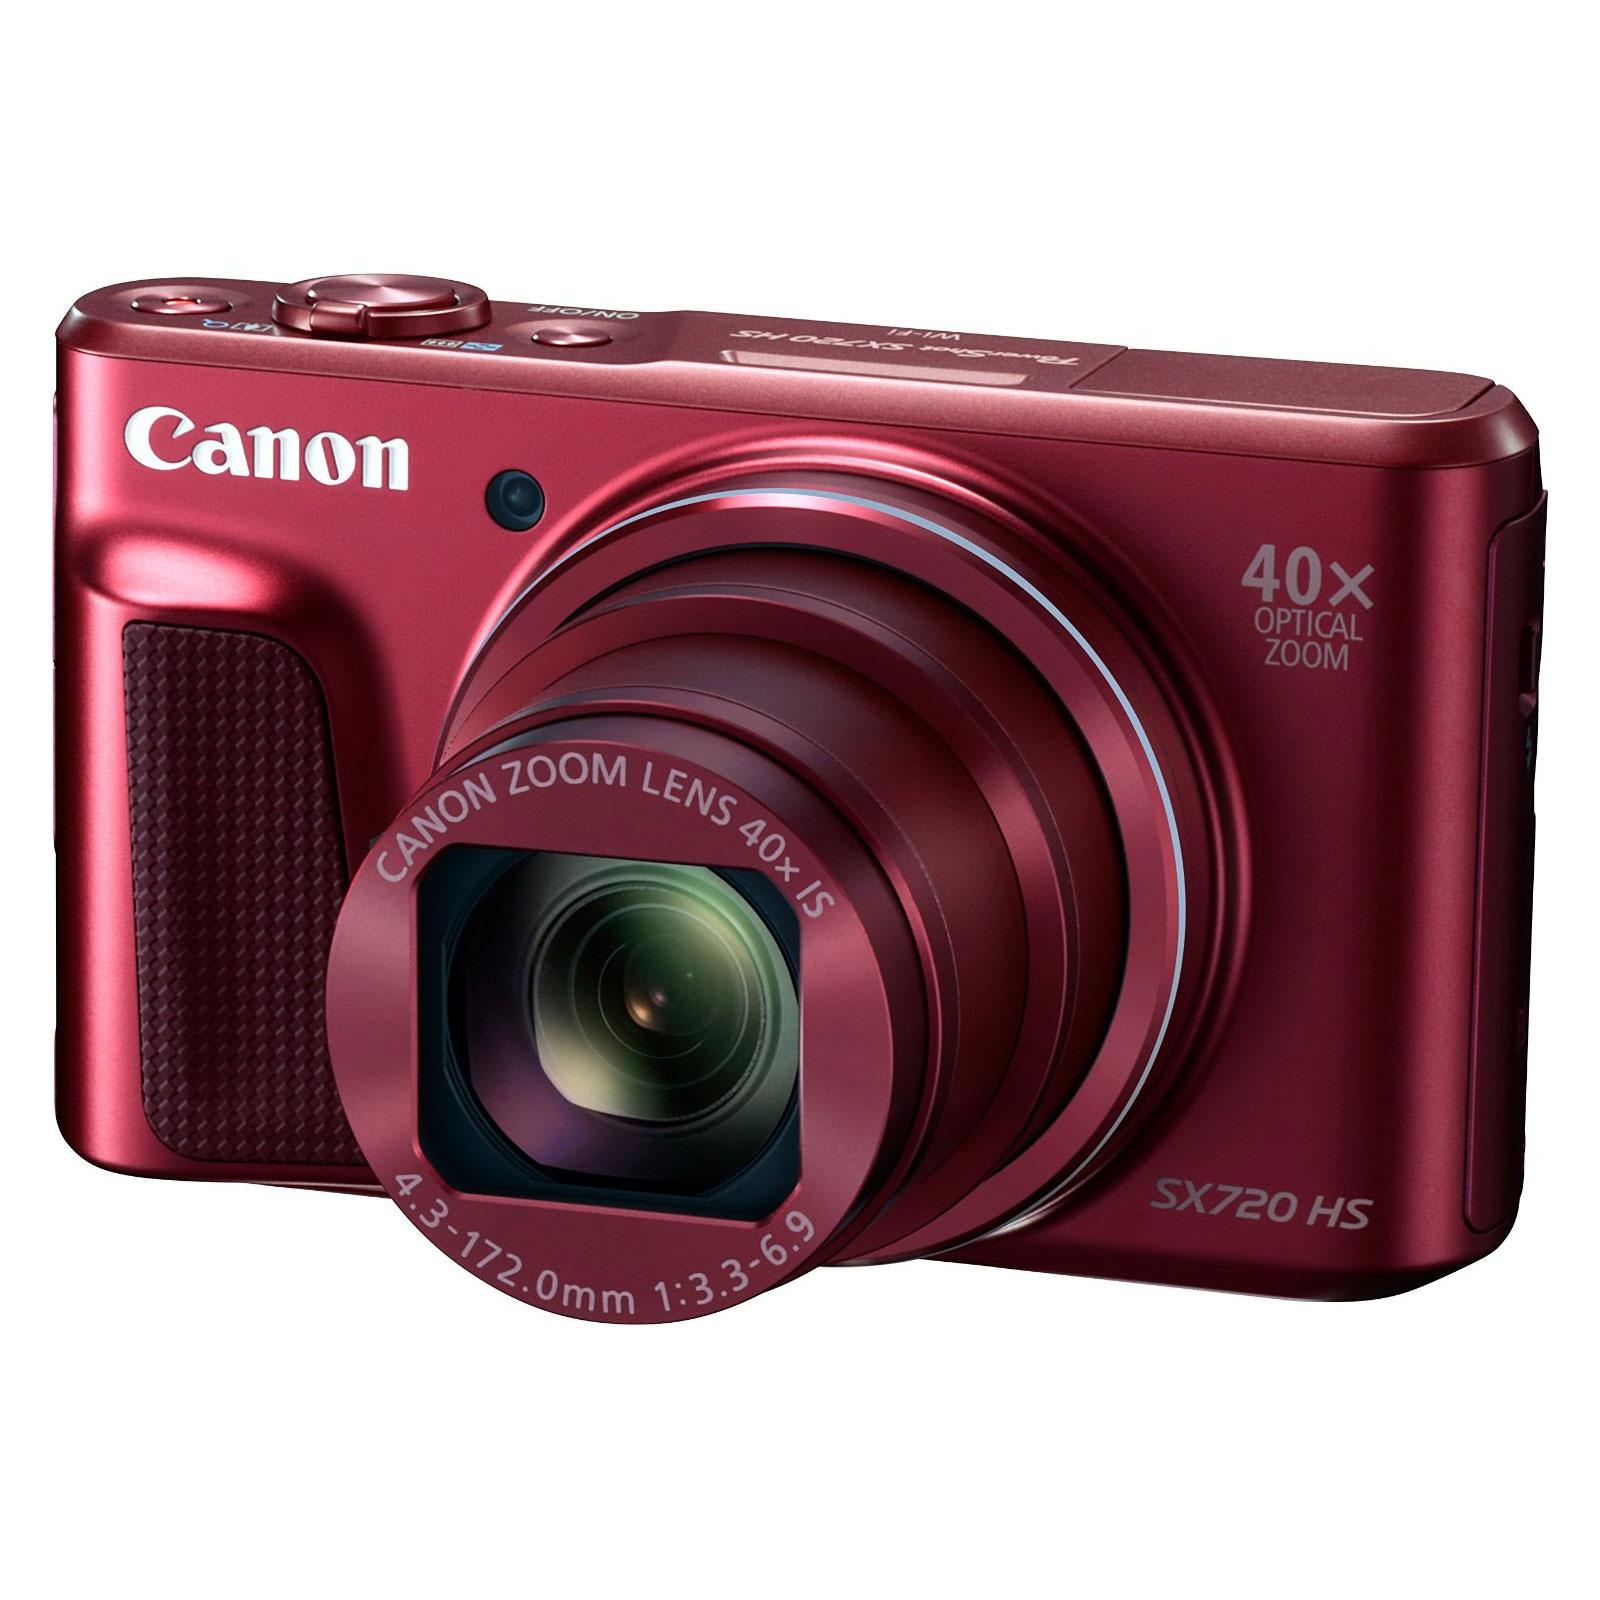 canon powershot sx720 hs rouge appareil photo num rique canon sur. Black Bedroom Furniture Sets. Home Design Ideas